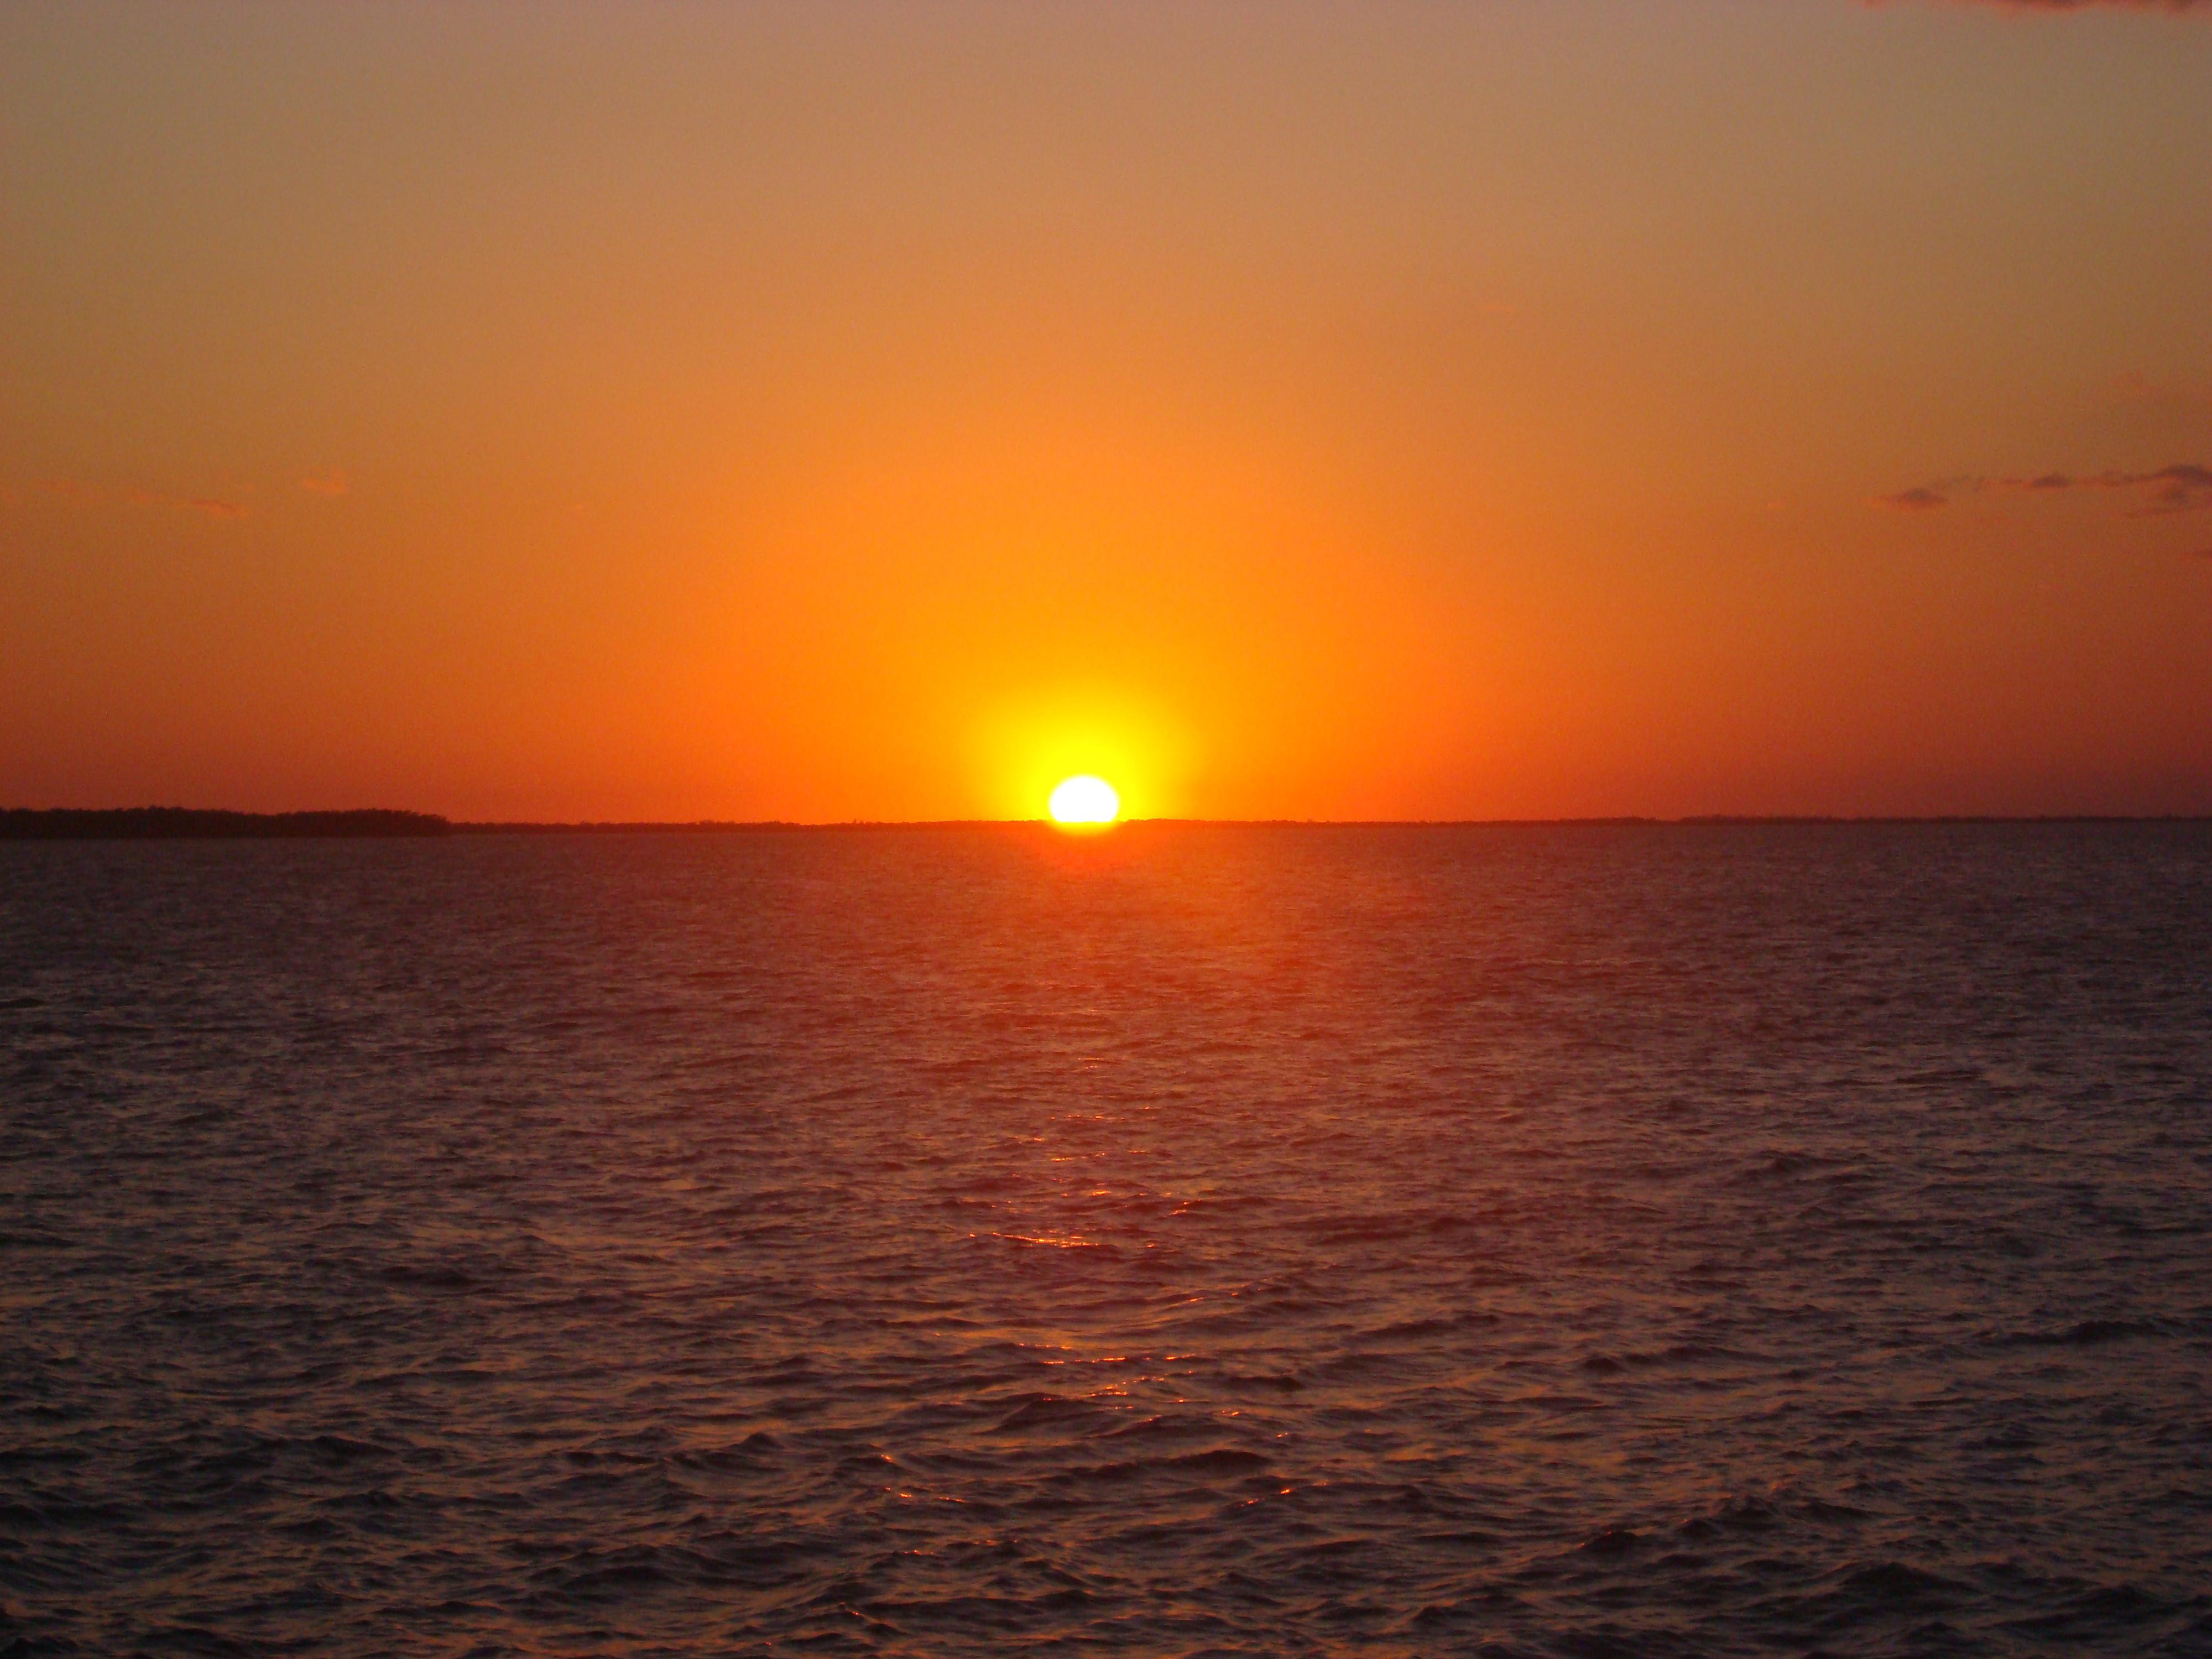 florida seaside sunset magical creature kayak